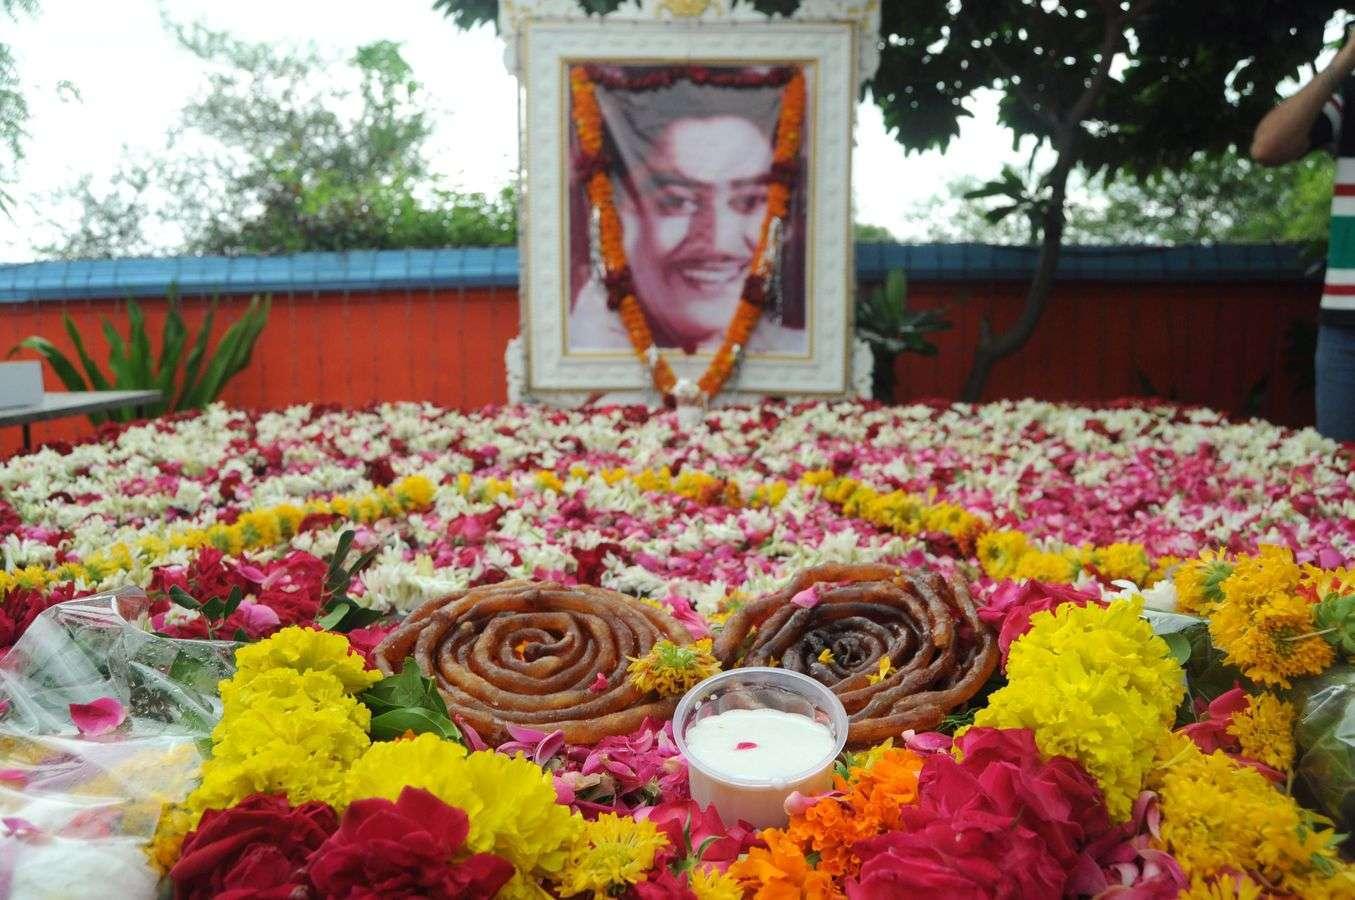 किशोर कुमार का जन्मदिन मनाया किशोर कुमार  के पैतृक निवास को आकर्षक सजाया, गीतों की दी प्रस्तुति